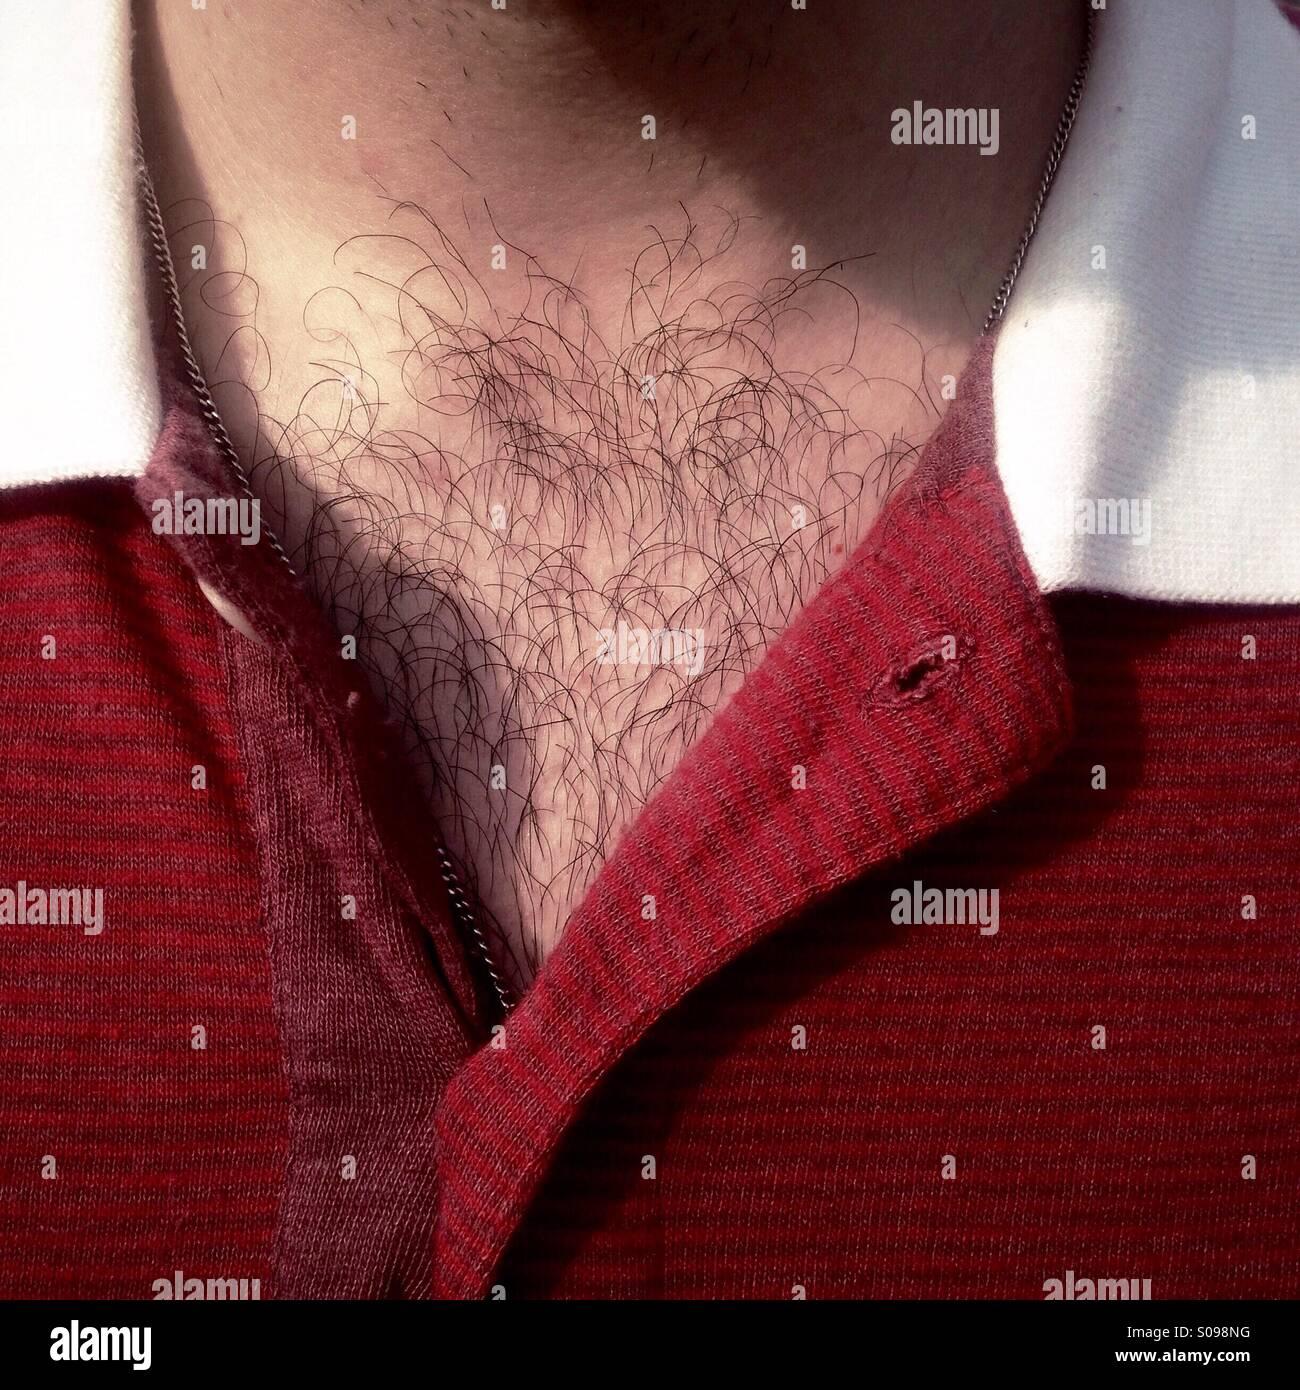 Détail d'un torse velu et chemise rouge Photo Stock